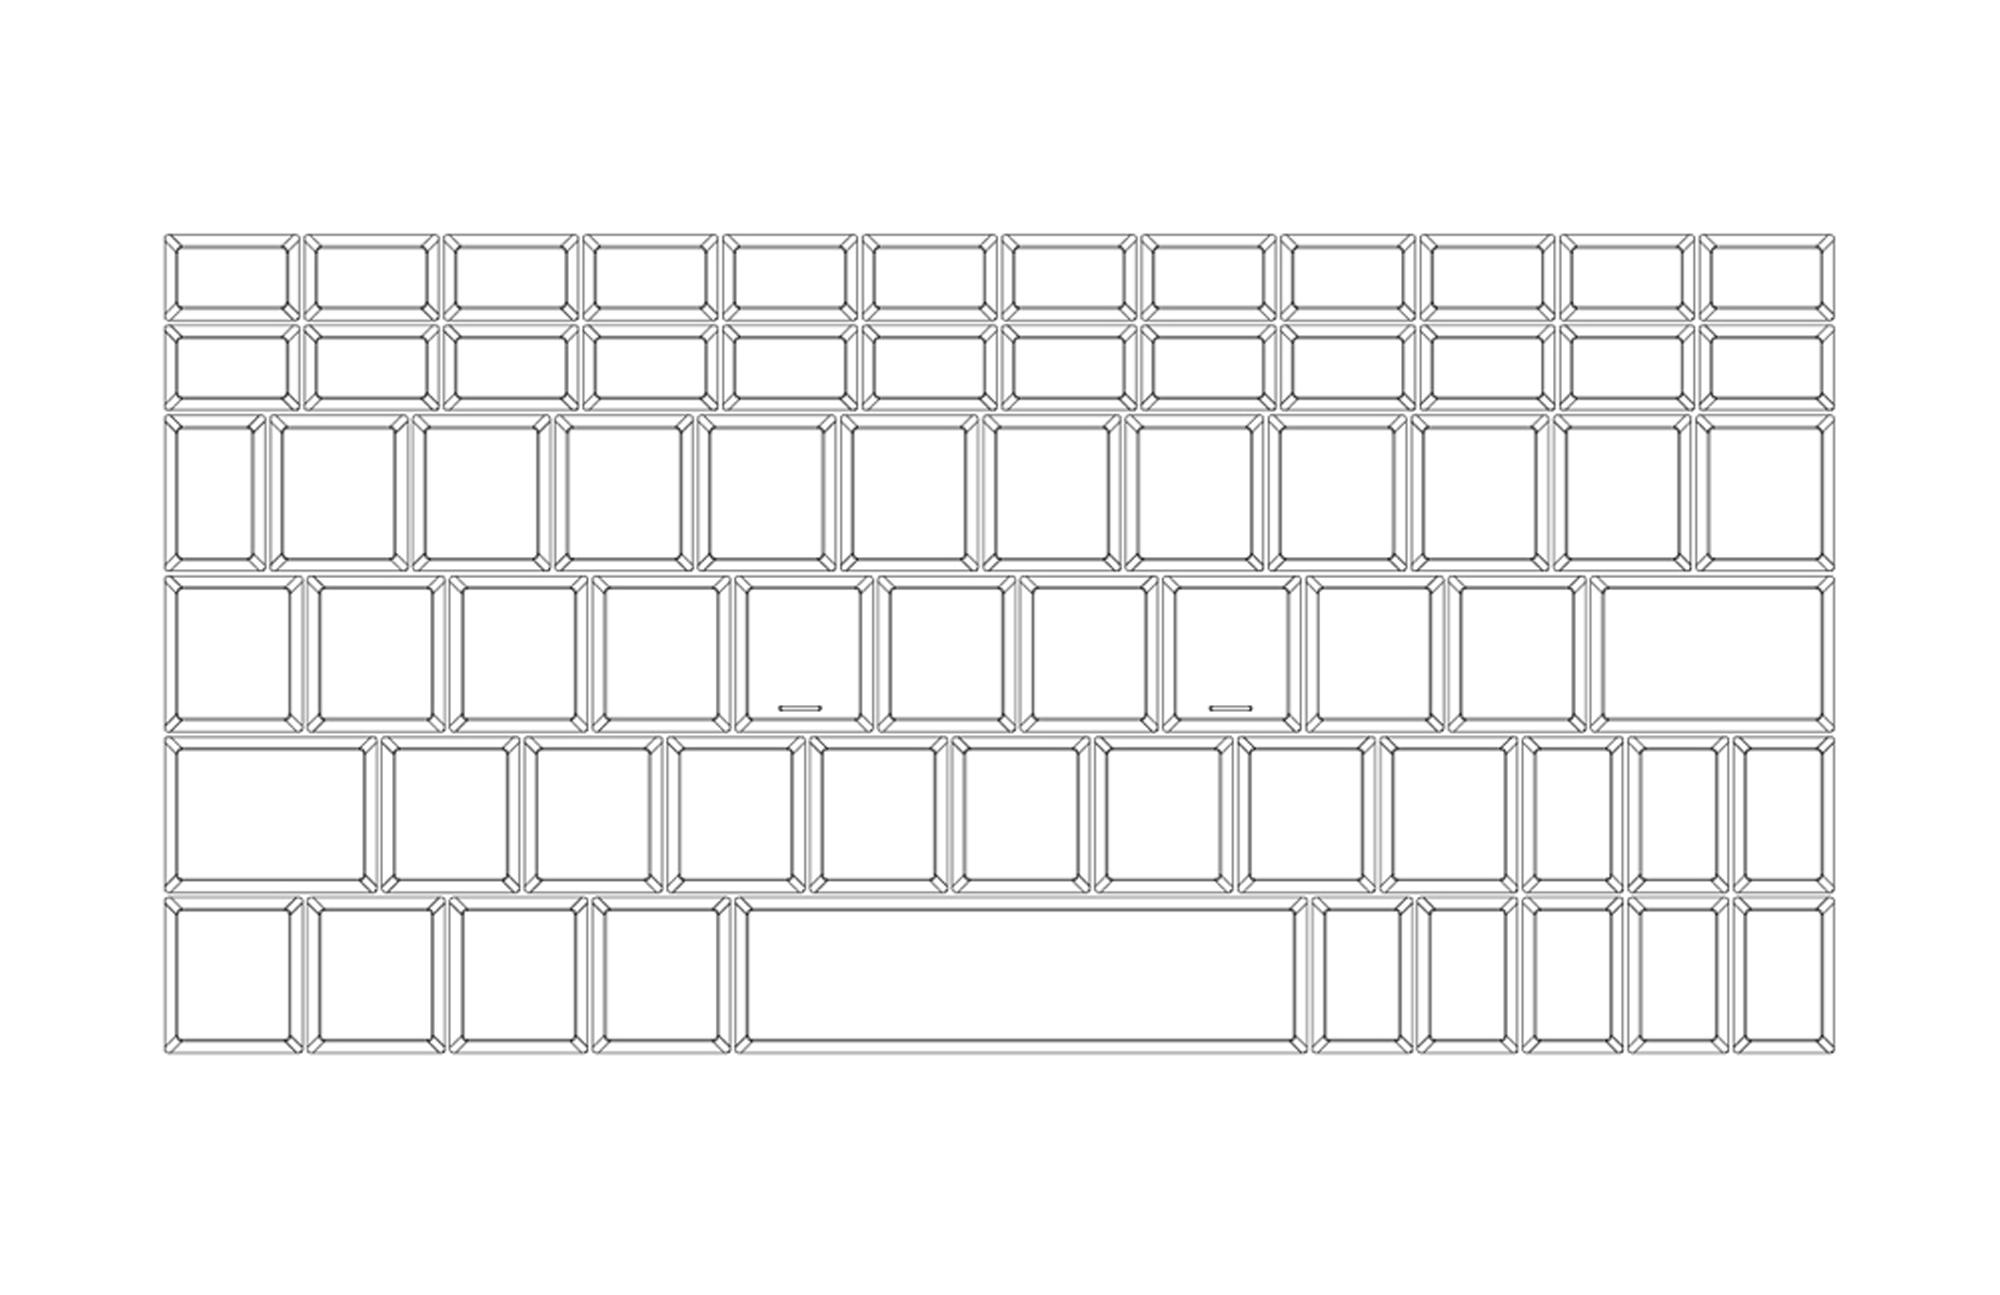 ONE GXのキーボードレイアウト募集